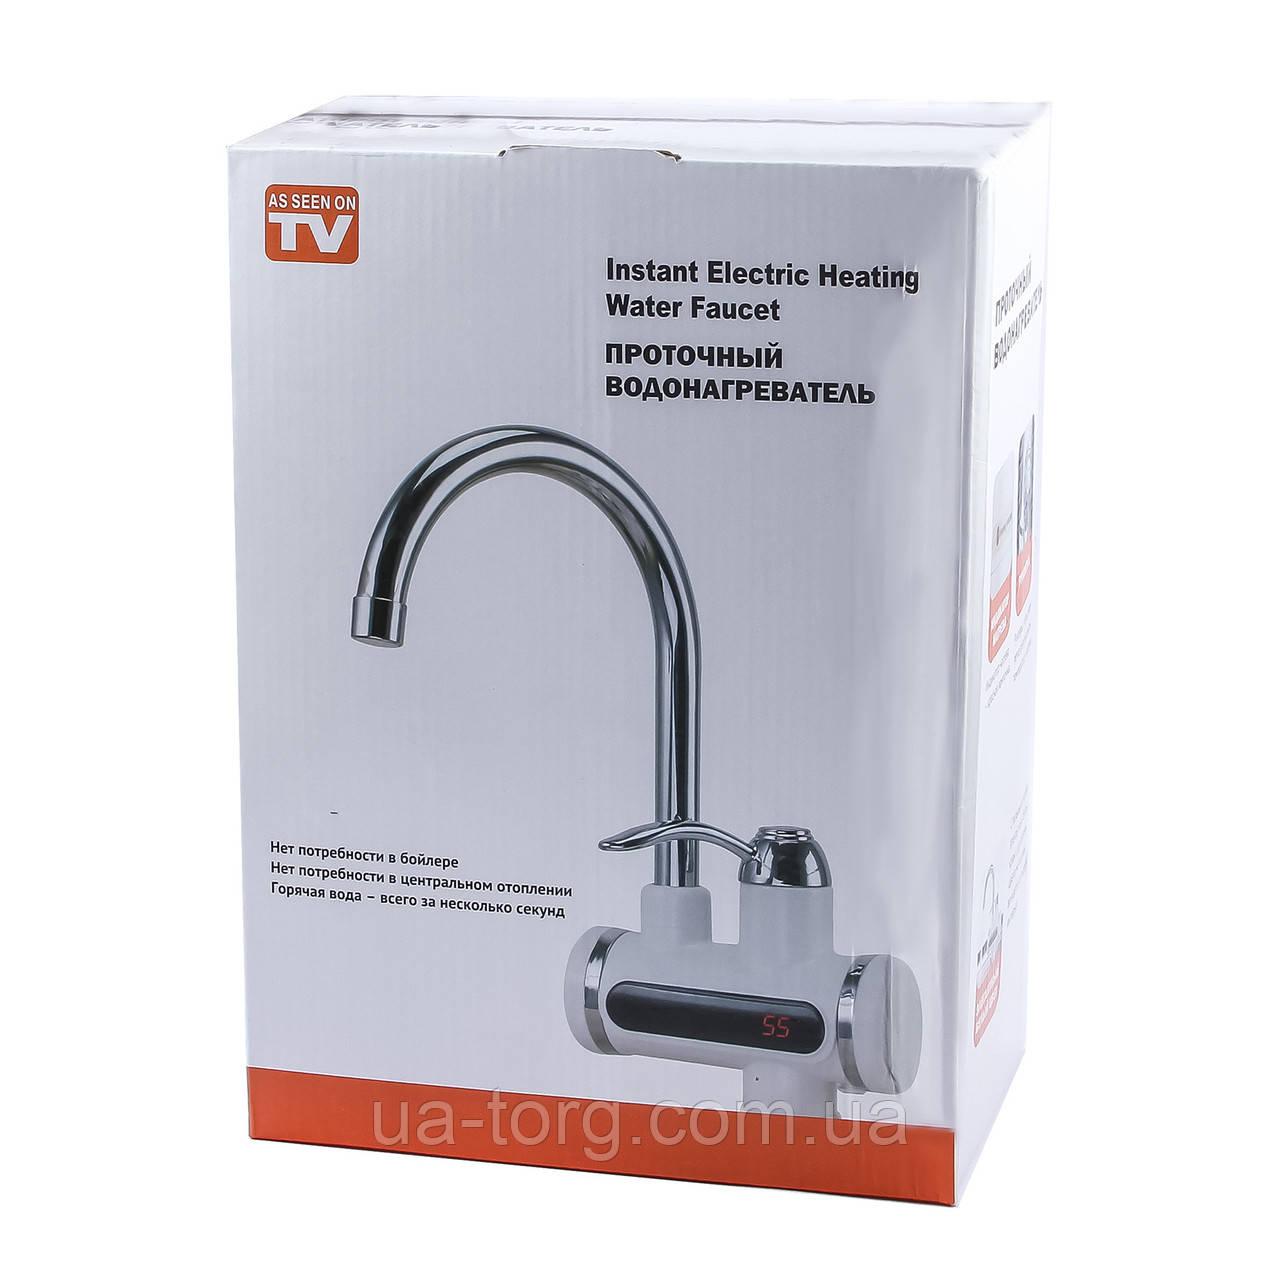 Проточный водонагреватель Instant Electric Heating Water Faucet без индикатора температур